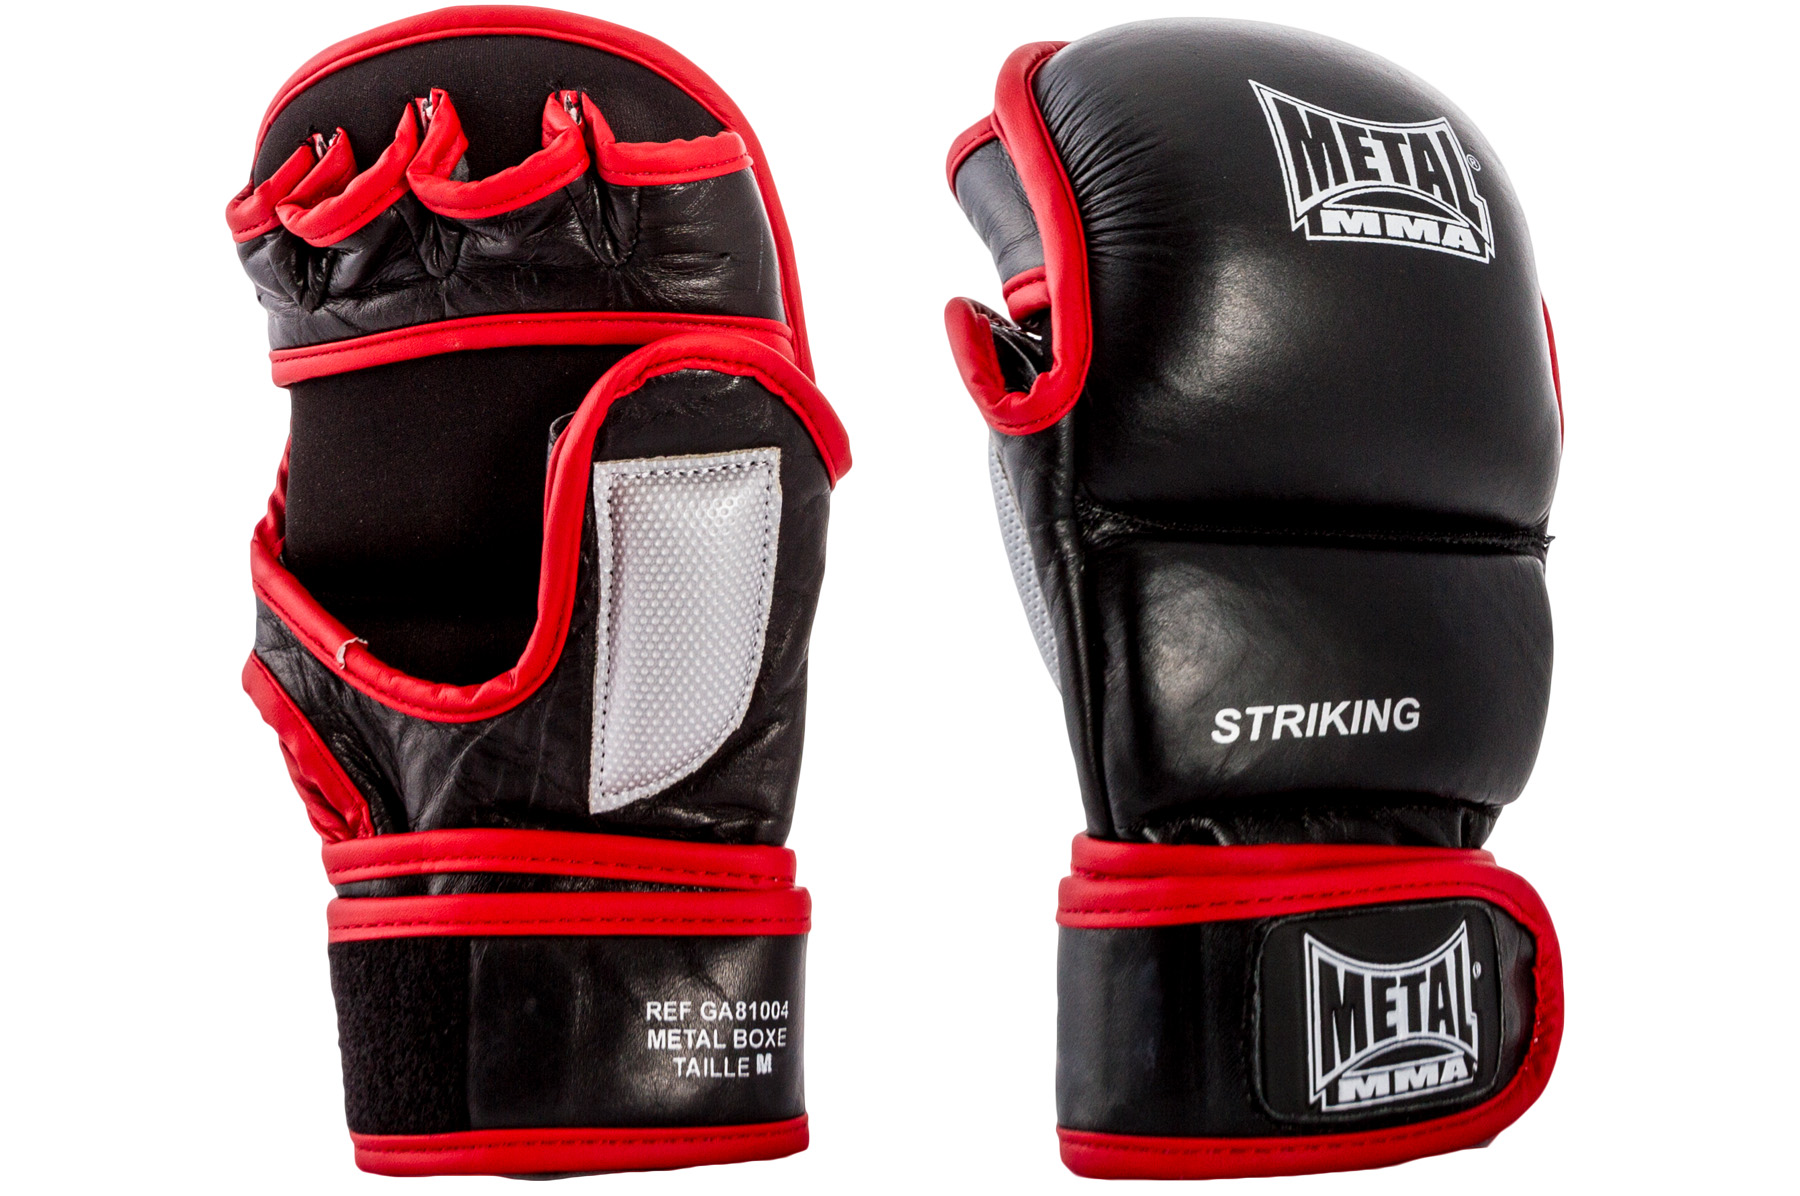 mma leather strike gloves metal boxe ga81004. Black Bedroom Furniture Sets. Home Design Ideas